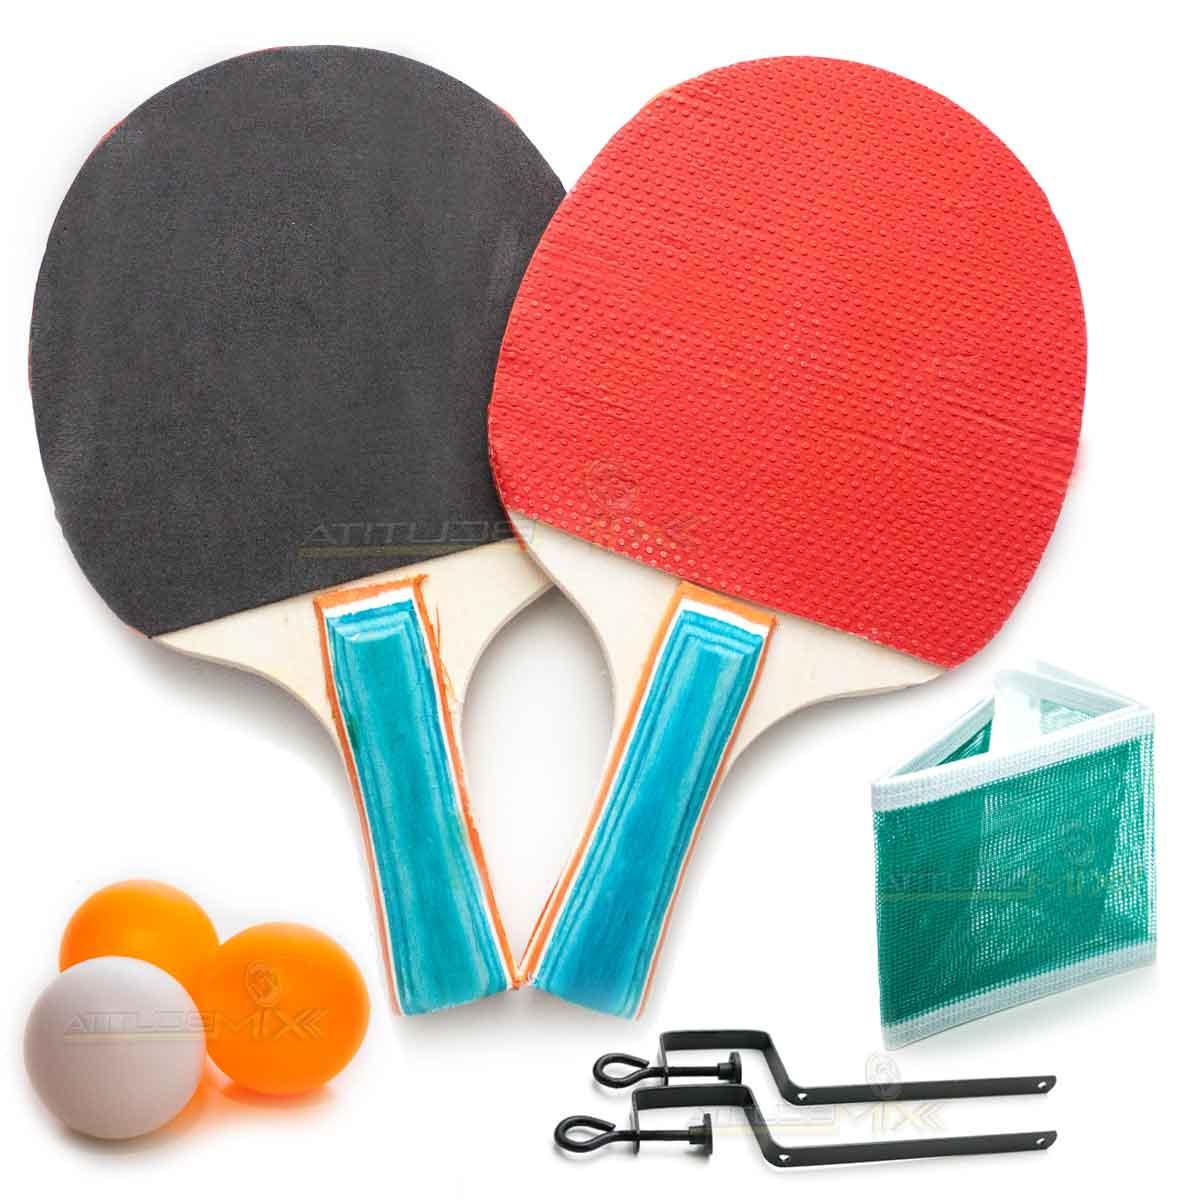 0d61feaa1 Kit Ping Pong Tênis de Mesa Raquetes Suporte Rede Bolinhas - AtitudeMix